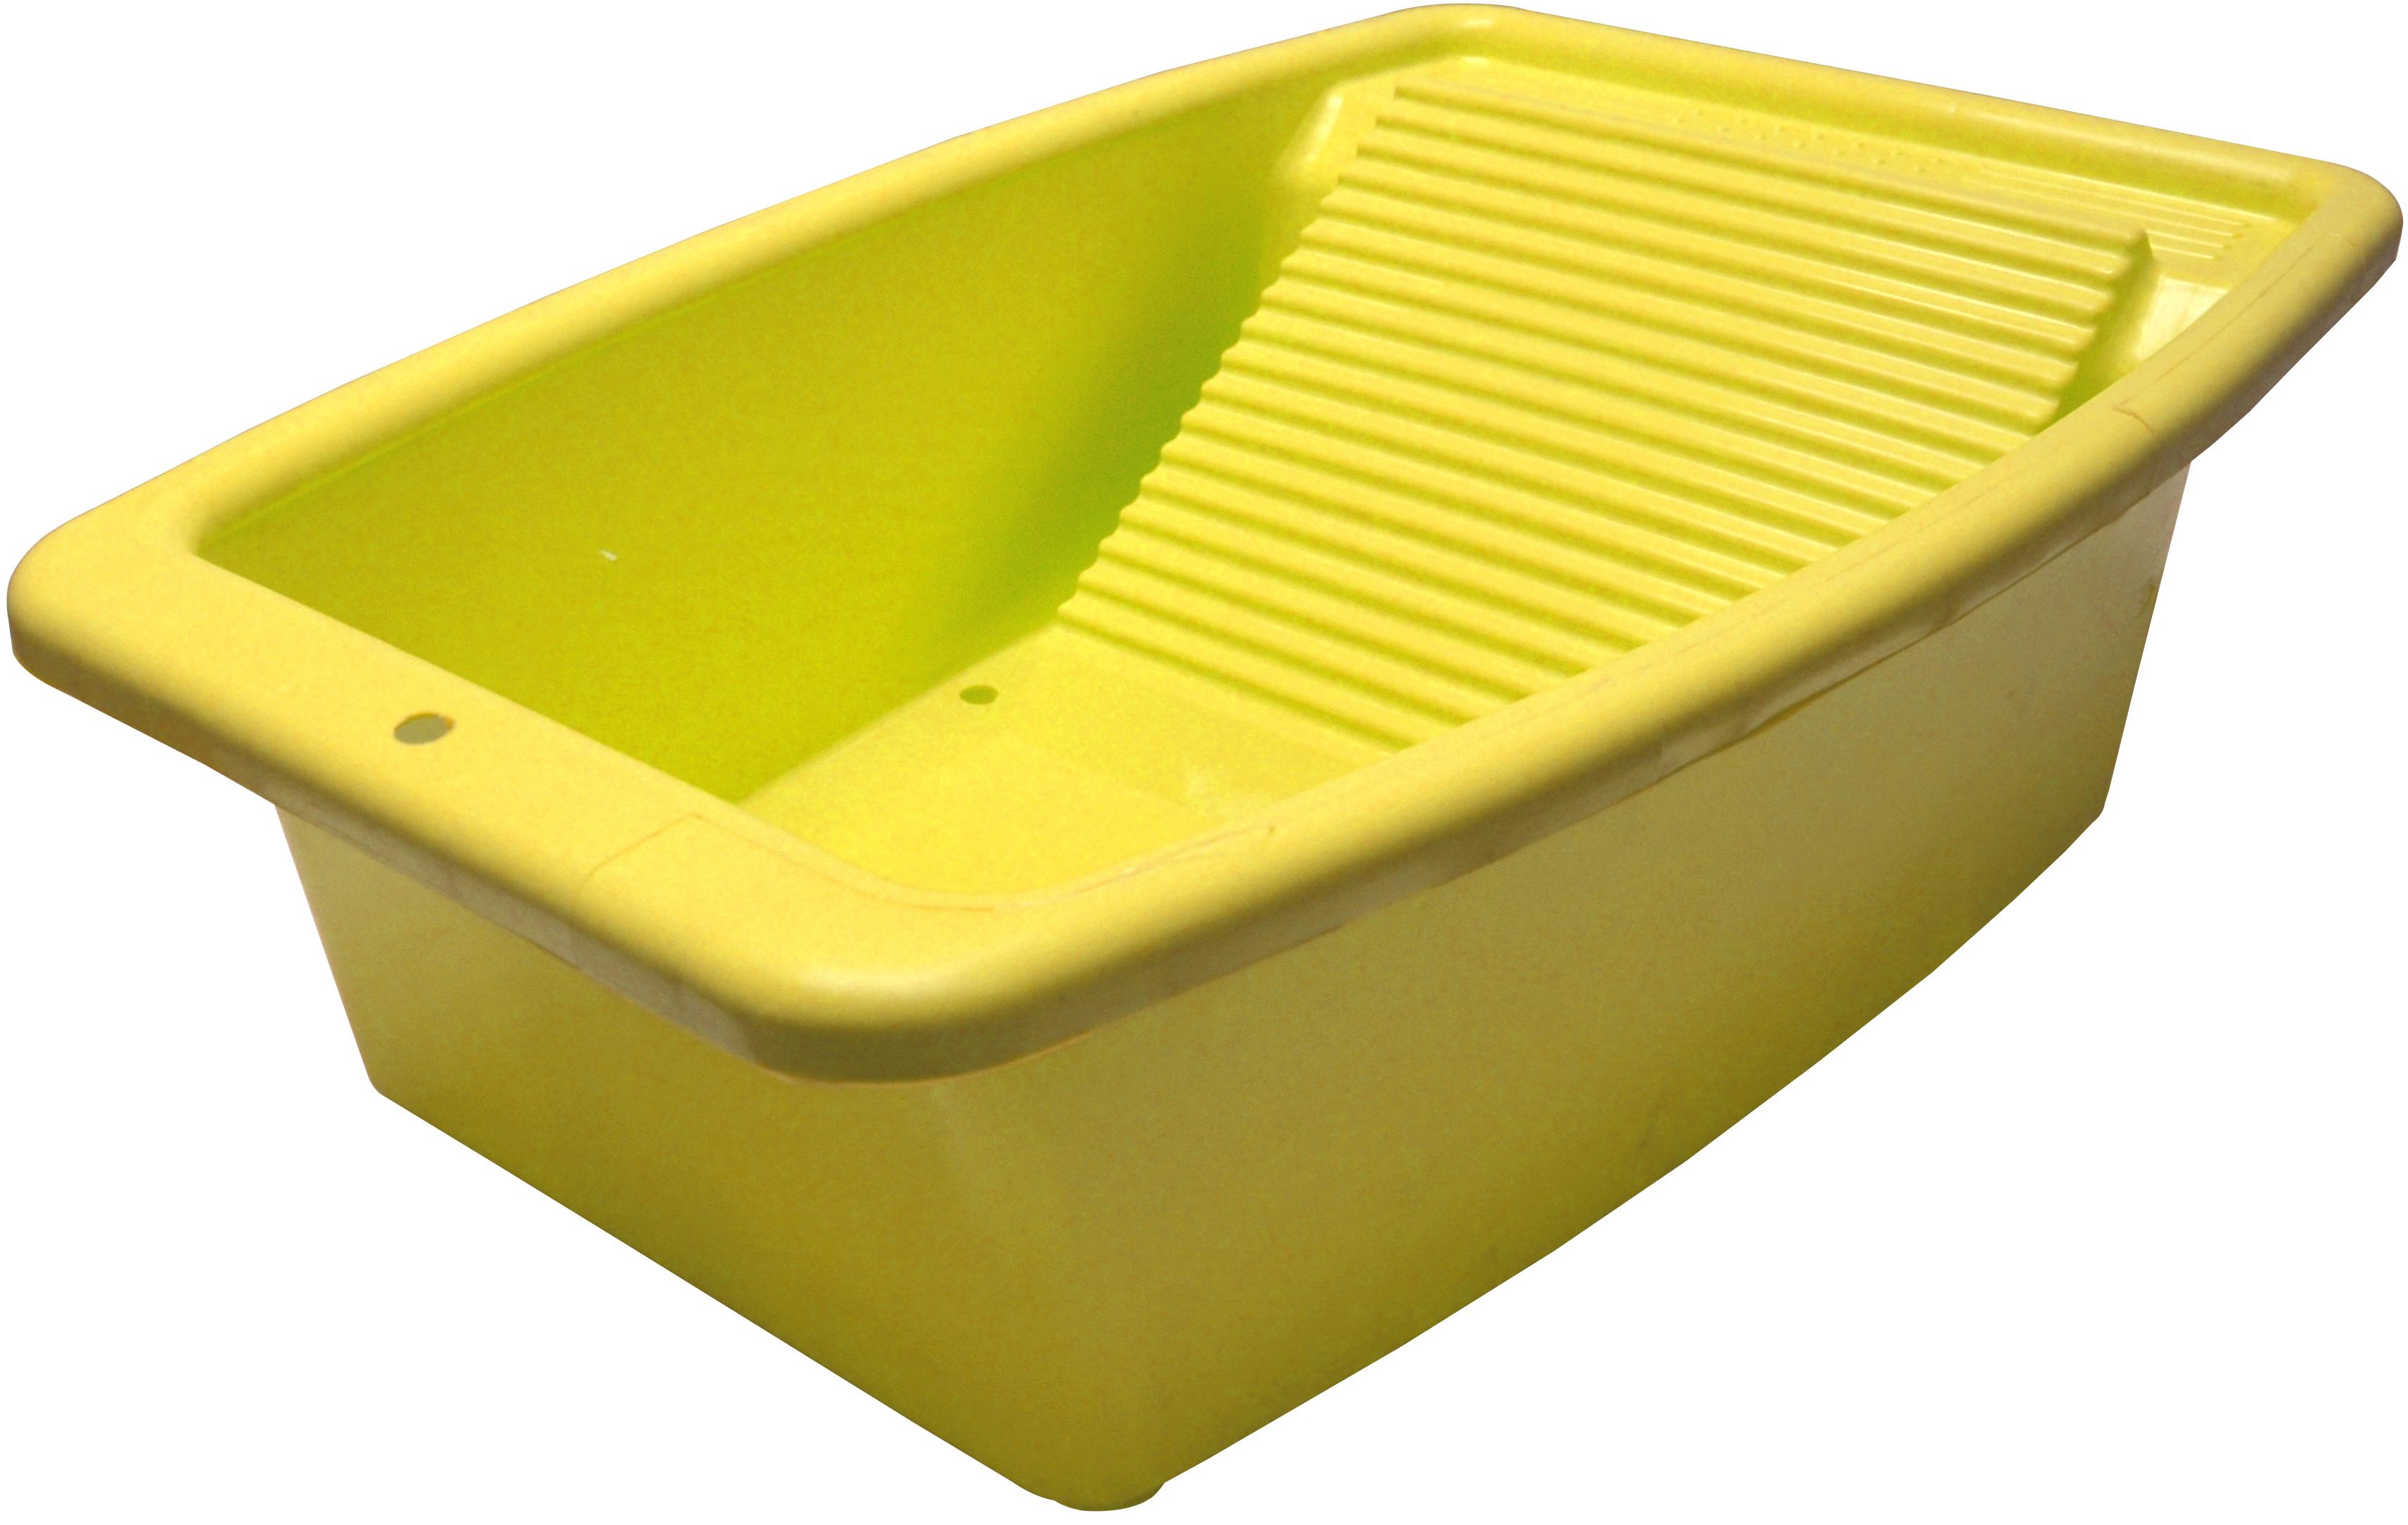 Таз со стиральной доской Коллекция, цвет: желтый, 34 лATP-42/1Таз со стиральной доской